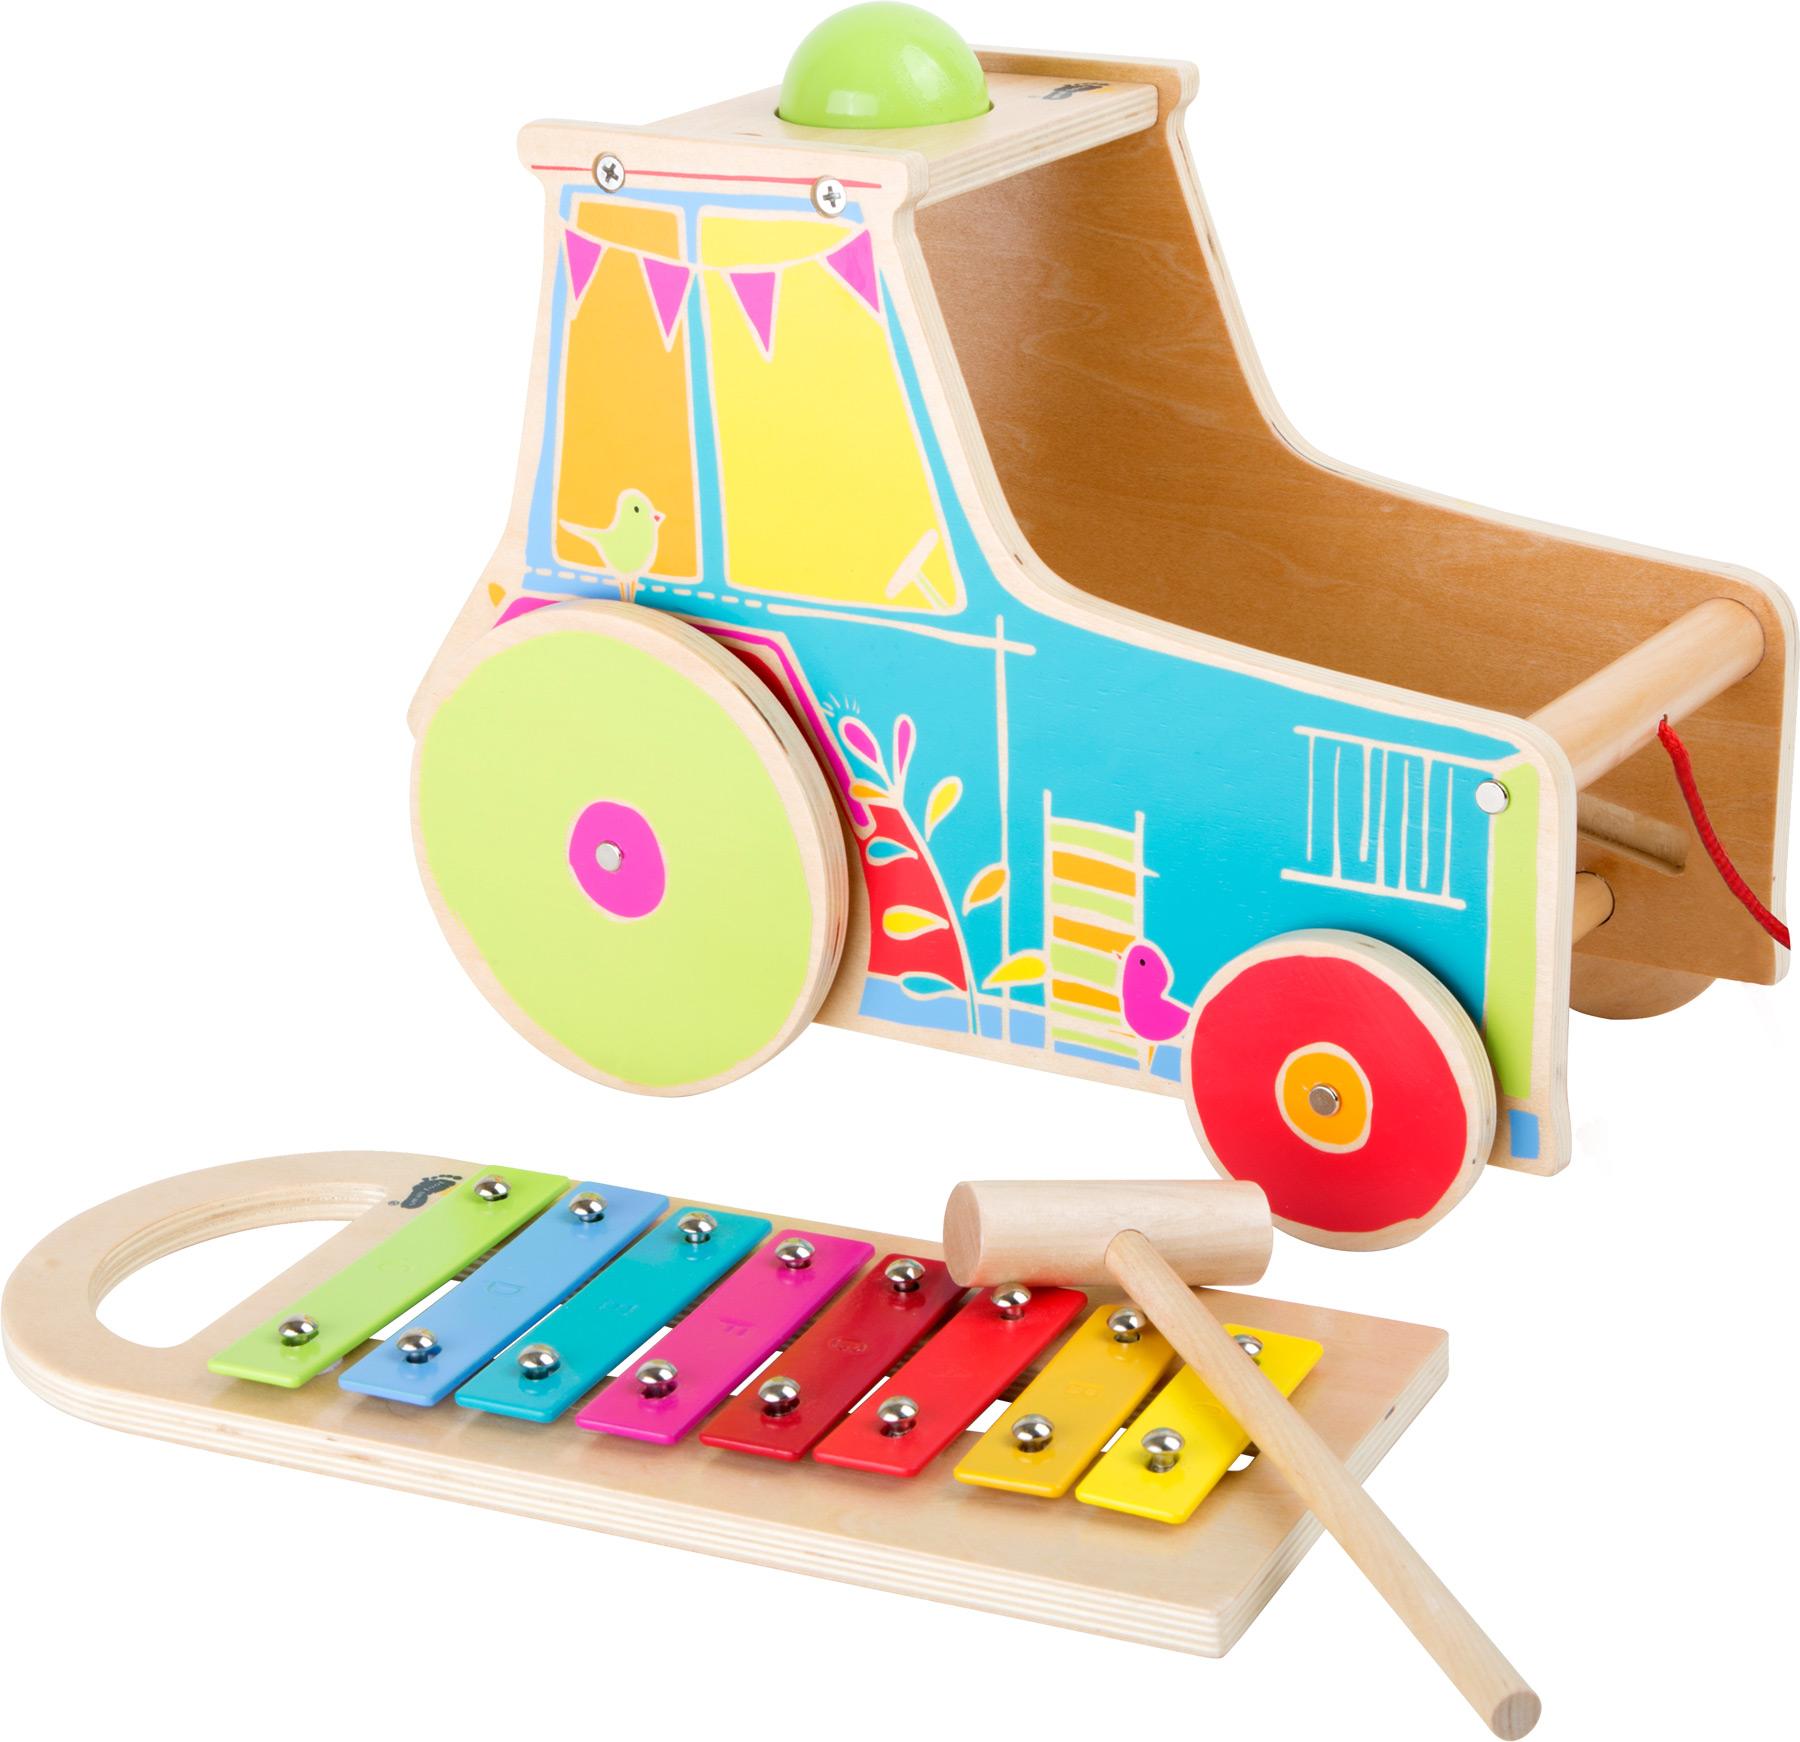 Trator de puxar com xilofone - madeira